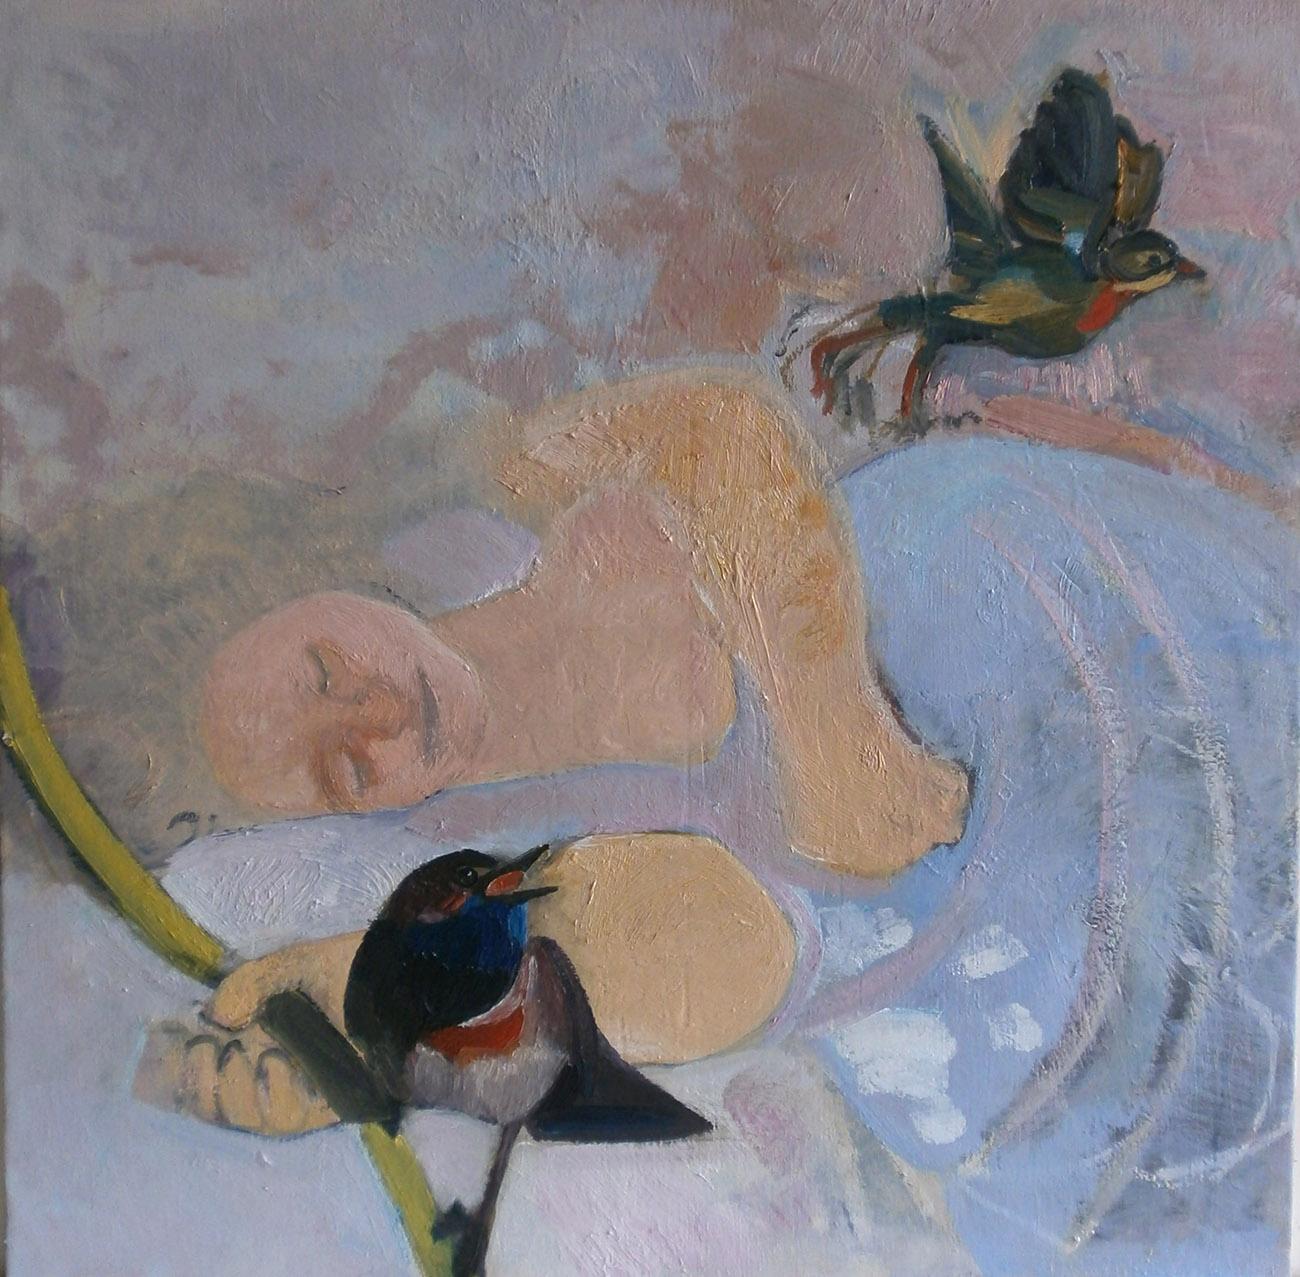 Jeune fille endormie - Huile sur toile 80x80